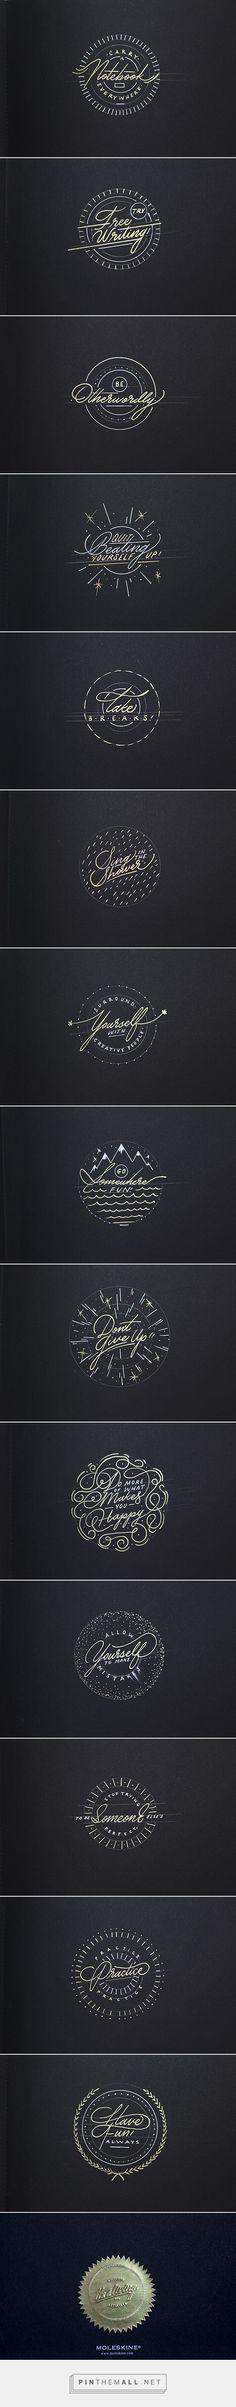 It's a sketchbook by Ricardo Gonzalez